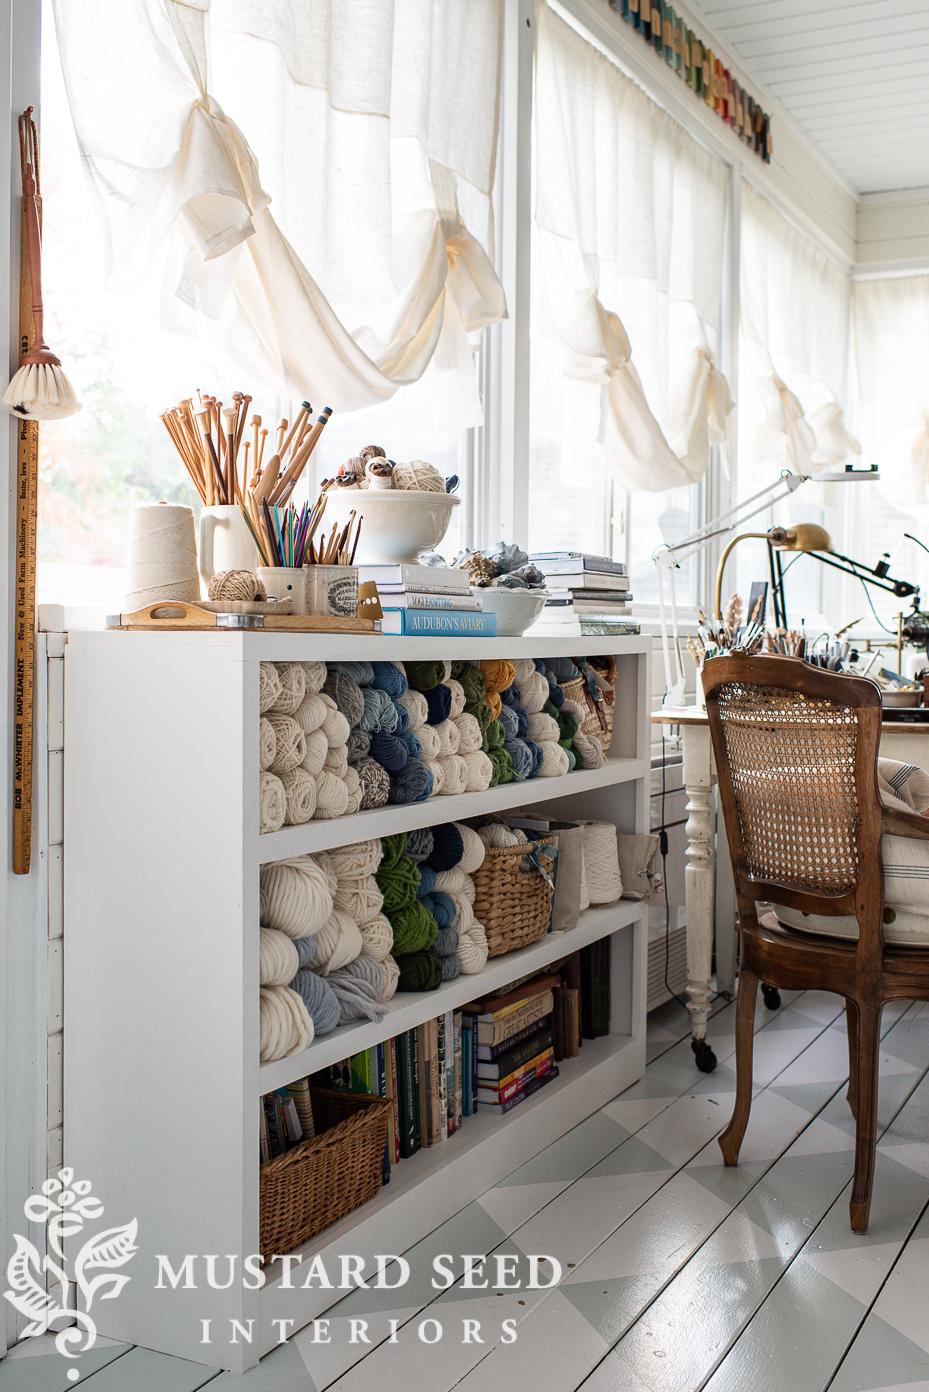 built-in shelves   yarn storage   art studio   miss mustard seed